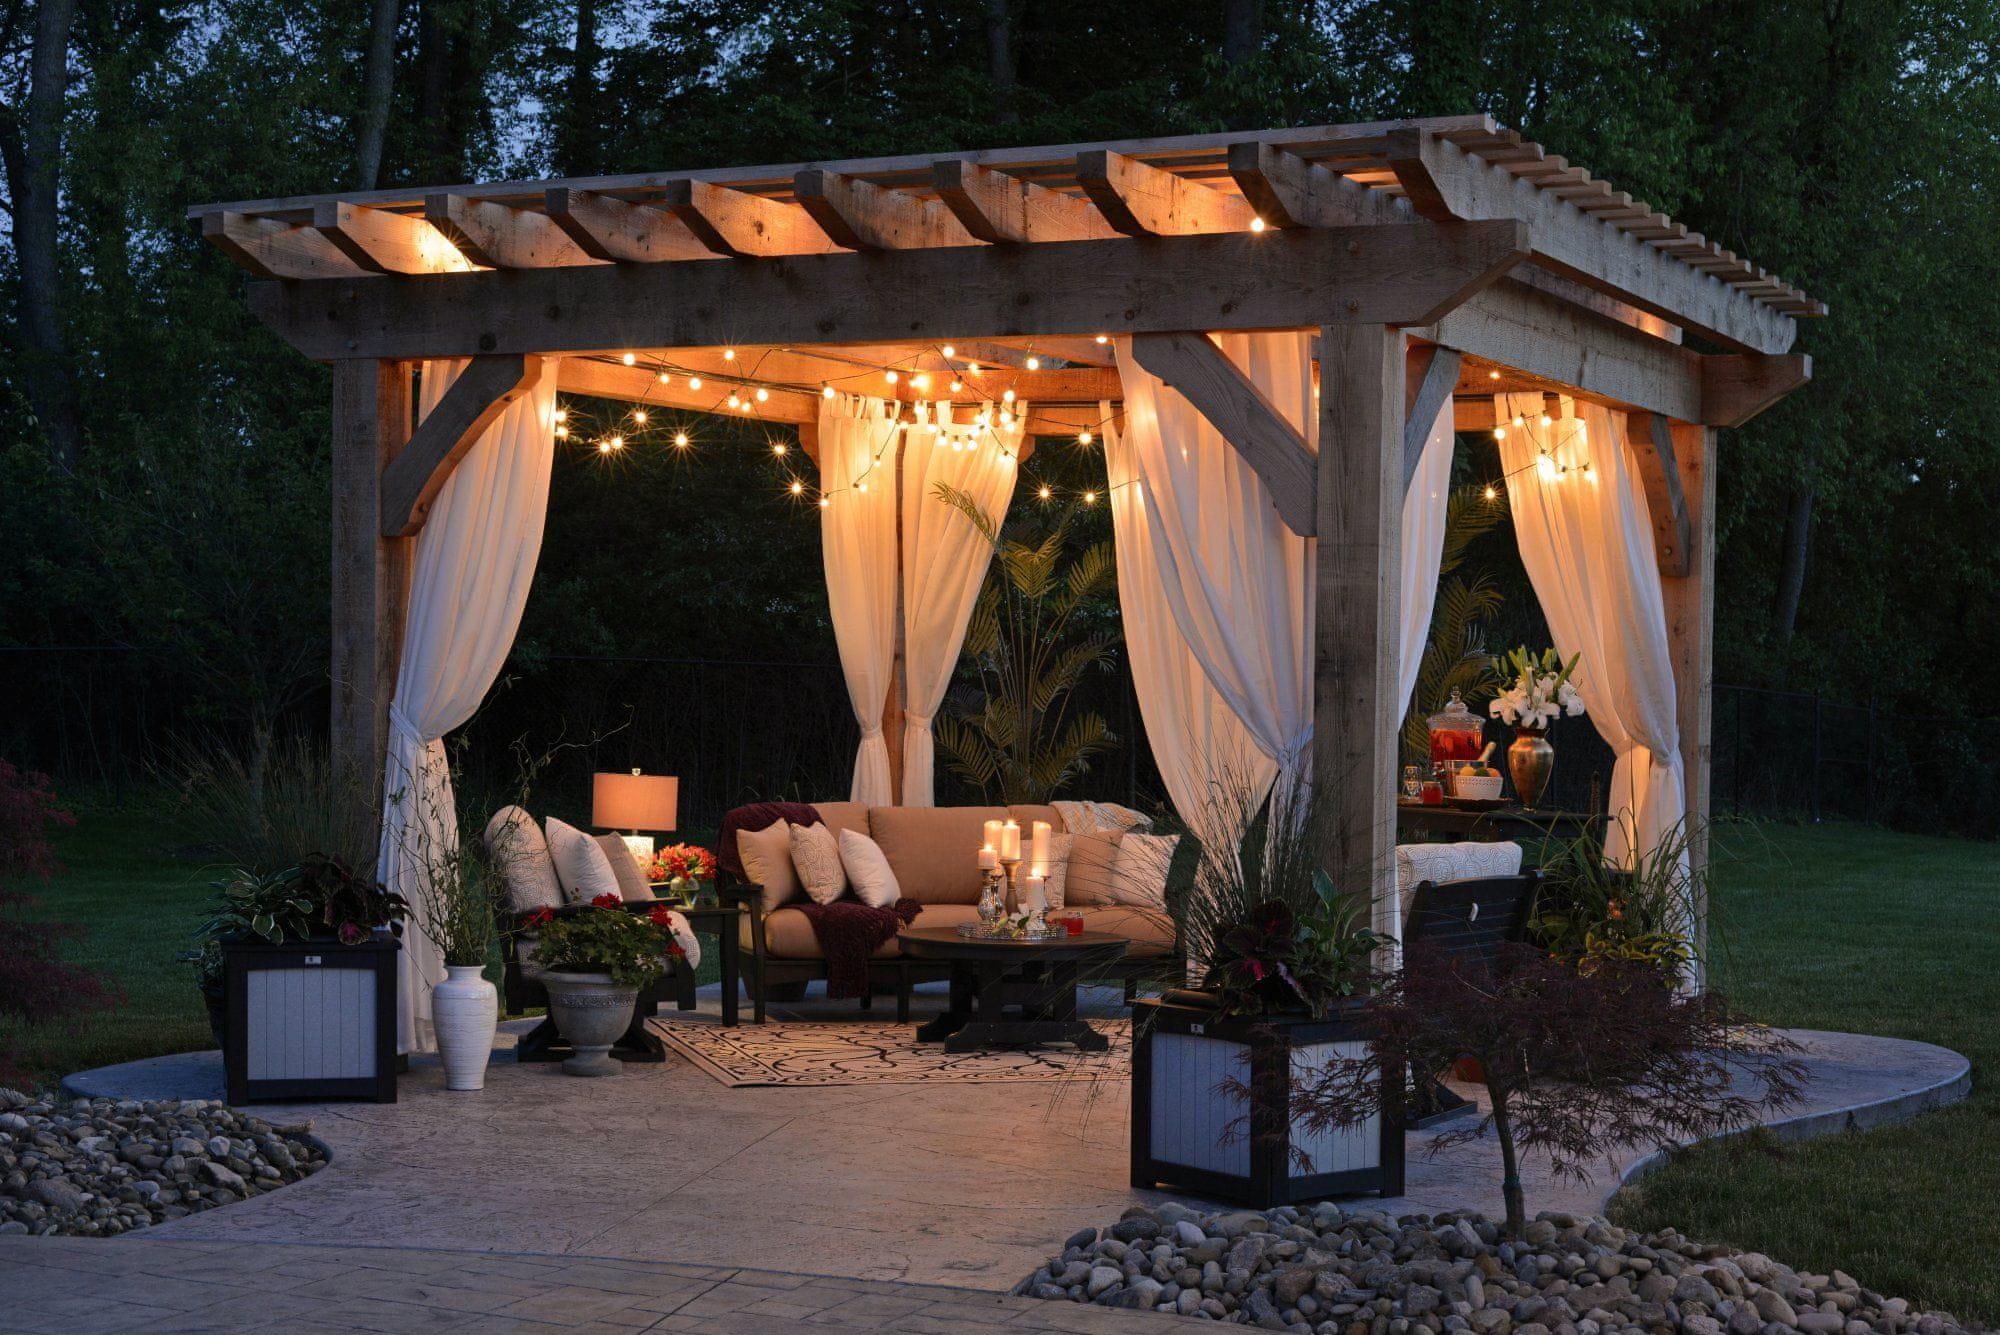 Pergola může sloužit jako příjemný úkryt před slunečními paprsky, nebo romantické zákoutí během letních večerů.